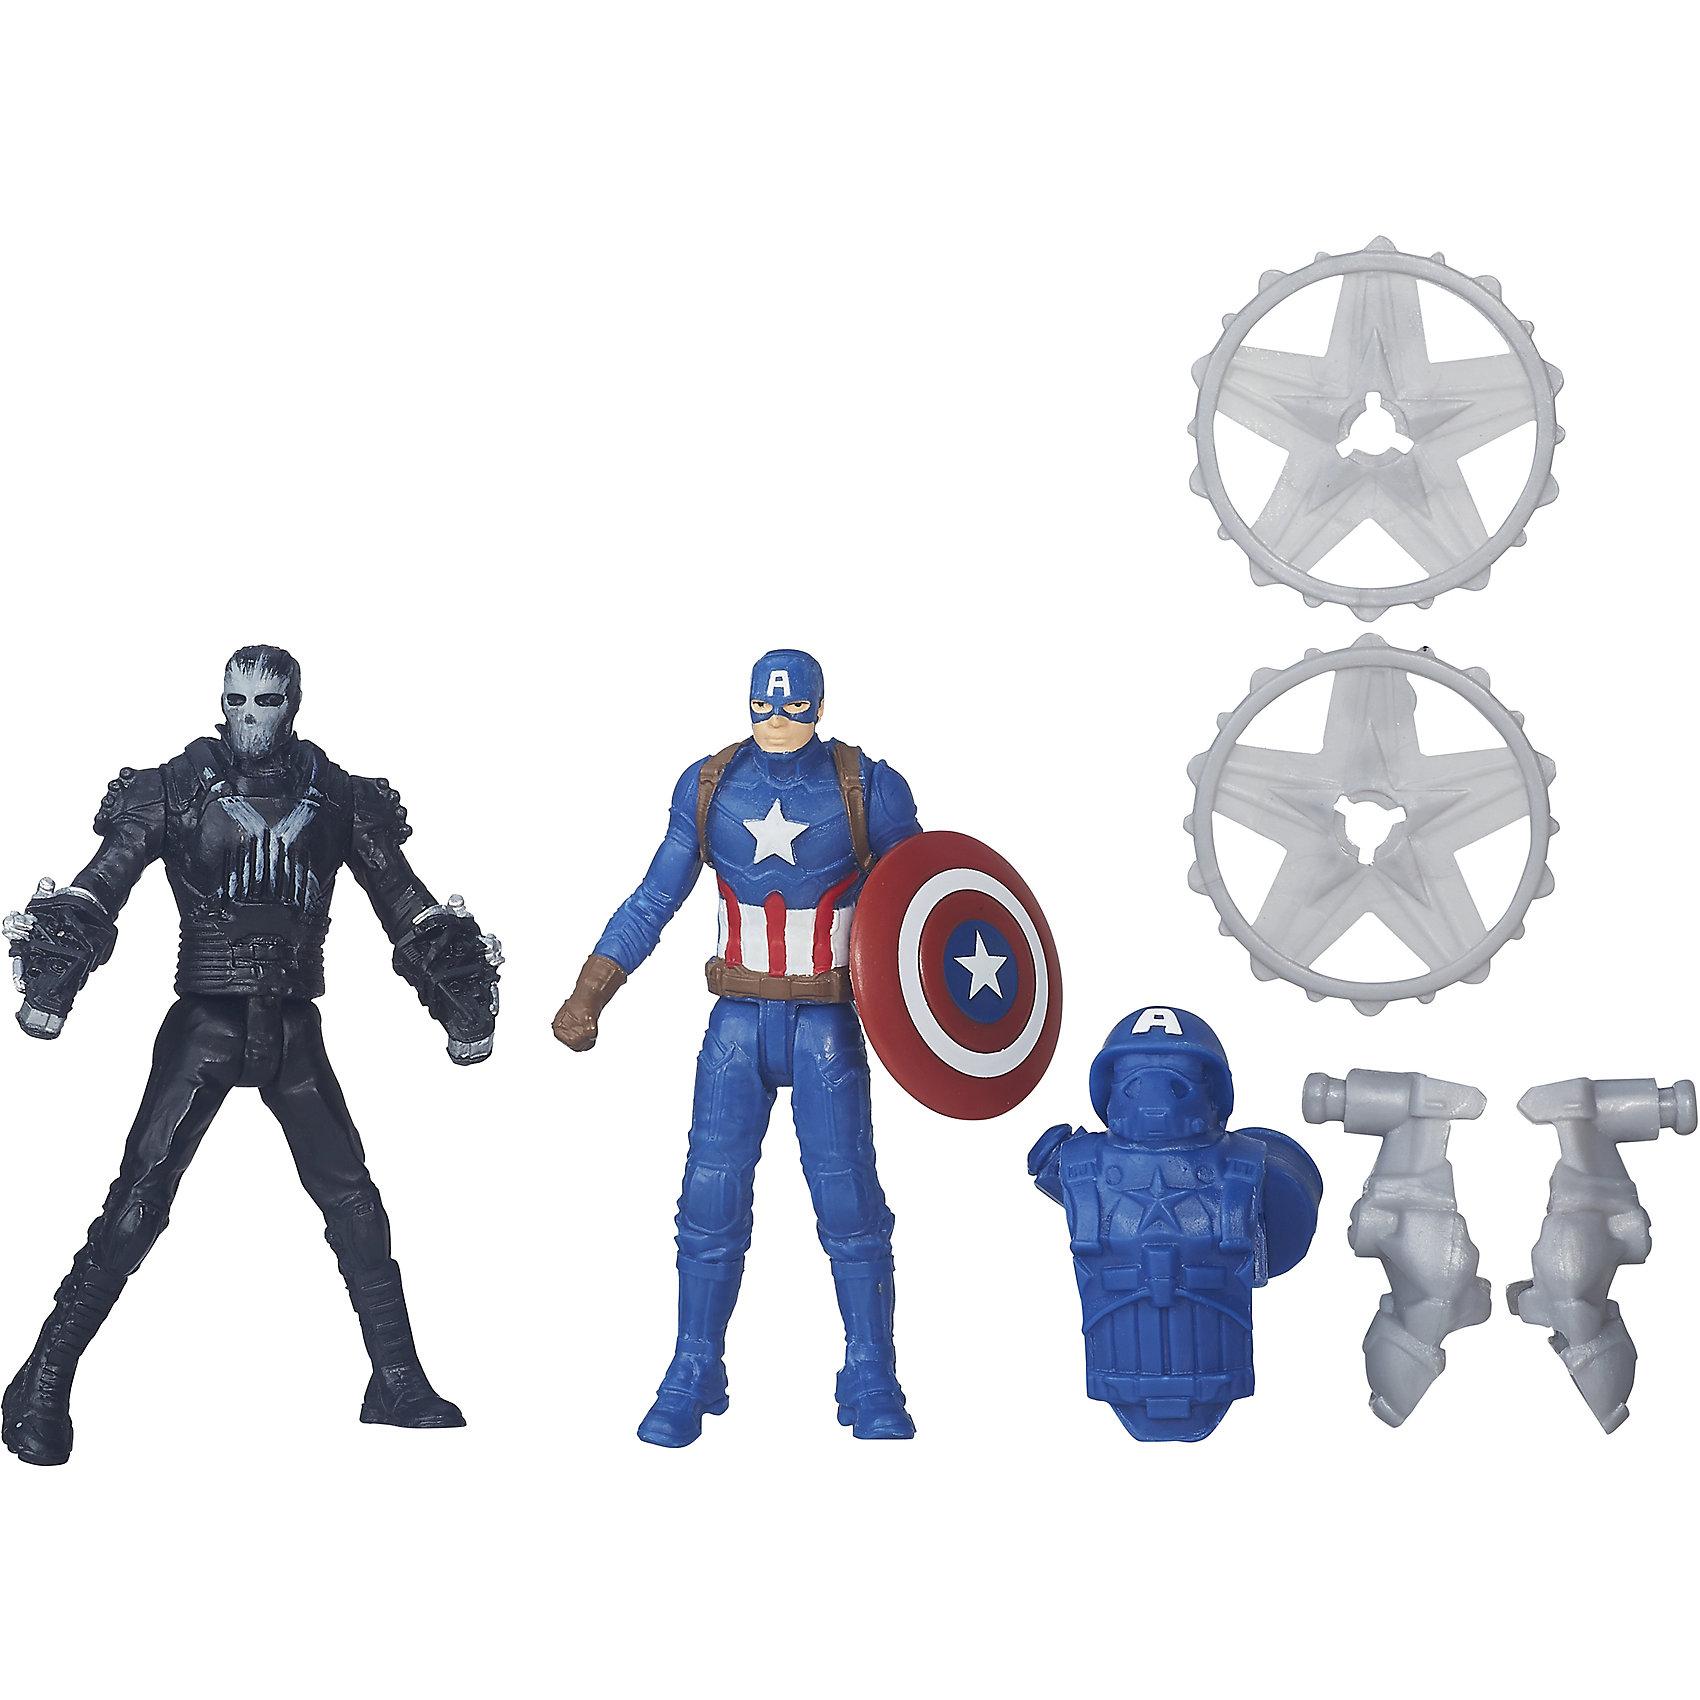 Набор из 2 фигурок Мстителей Captain America vs CrossbonesЛюбимые герои<br>Набор из 2 фигурок Мстителей Captain America vs Crossbones.<br><br>Характеристики:<br><br>- В комплекте: 2 фигурки, броня, щит<br>- Высота фигурки: 6 см.<br>- Материал: высококачественный пластик<br>- Размер упаковки: 16x14x4 см.<br><br>Игровой набор из фигурок от Hasbro вызовет настоящий восторг у юного поклонника знаменитой вселенной Marvel. Фигурки изготовлены из высококачественного прочного пластика и выполнены в виде Капитана Америки и его противника, Кроссбоунса. В комплекте с фигурками идут дополнительные аксессуары: щит и бронекостюм Капитана Америки. Игрушечные персонажи максимально соответствует своим прототипам с учетом особенностей образа каждого героя. Фигурки имеют по пять точек артикуляции, что позволяет придавать им необходимое положение во время игры. <br>Имея в игровом арсенале этих персонажей, ребенок сможет разыграть множество увлекательнейших сюжетов. В них в очередной раз развернется отчаянная борьба за мир, и смелый и отважный Капитана Америка вновь спасет его благодаря своей силе, ловкости и находчивости! Совместимо с Башней Мстителей.<br><br>Набор из 2 фигурок Мстителей Captain America vs Crossbones можно купить в нашем интернет-магазине.<br><br>Ширина мм: 44<br>Глубина мм: 140<br>Высота мм: 159<br>Вес г: 50<br>Возраст от месяцев: 48<br>Возраст до месяцев: 144<br>Пол: Мужской<br>Возраст: Детский<br>SKU: 4874295